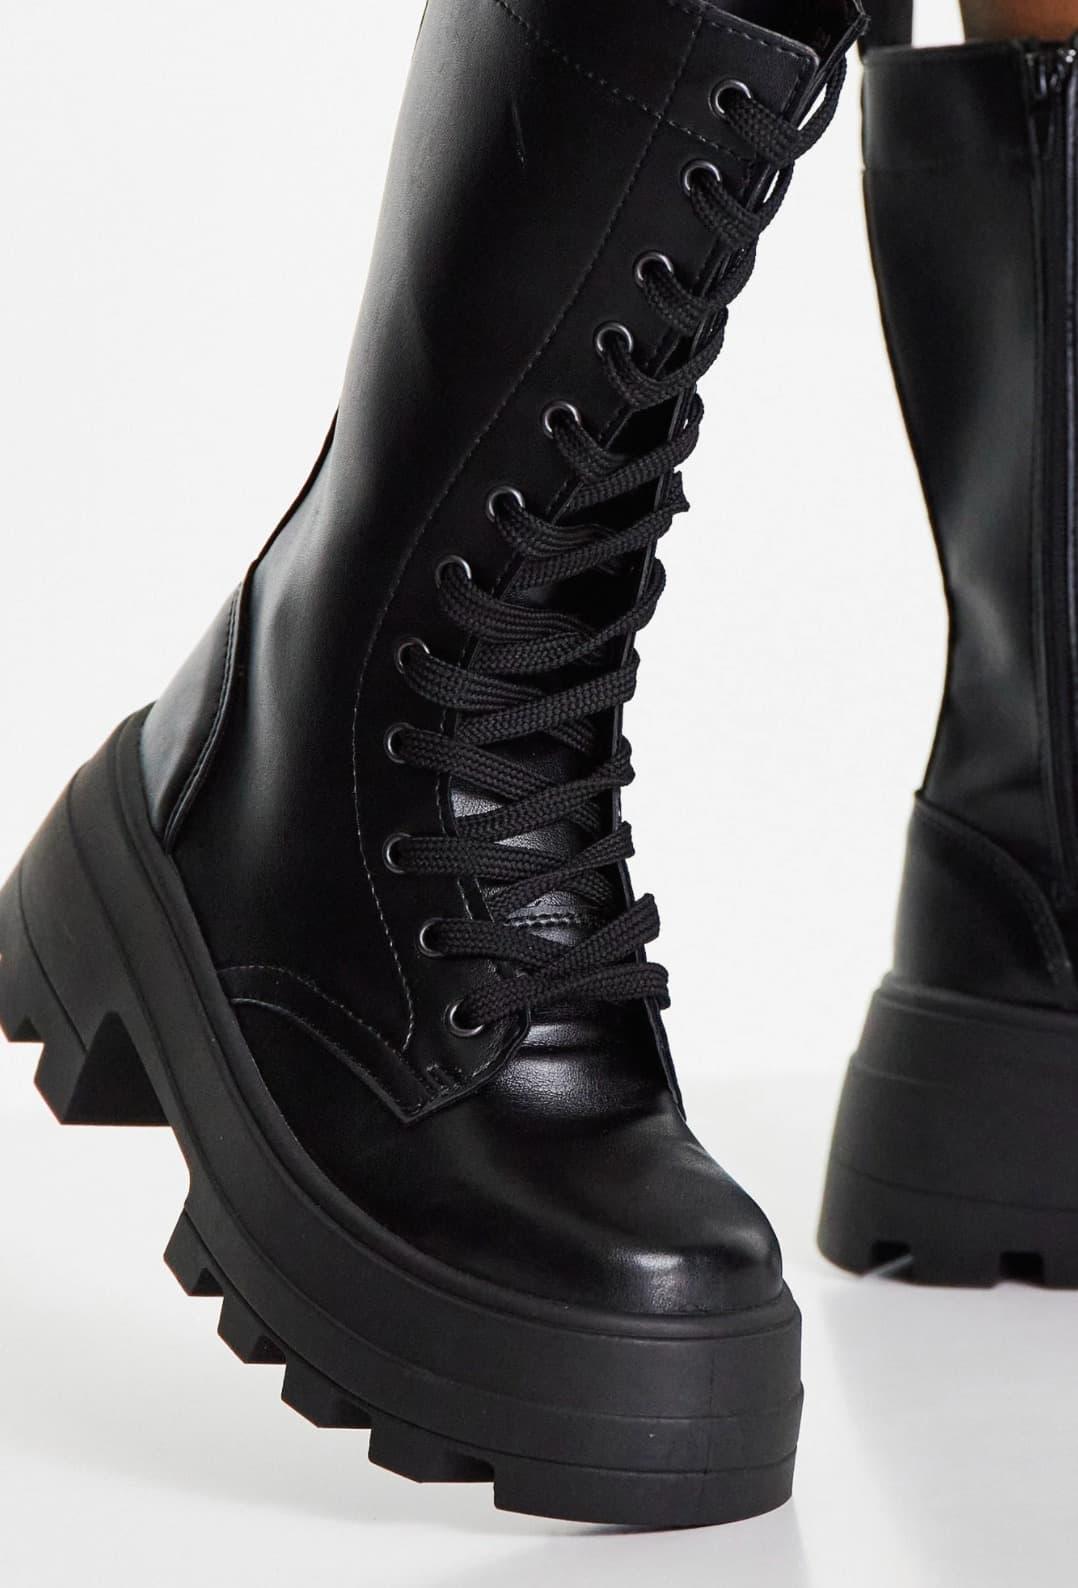 Botas negras con suela gruesa y cordones Aurora de ASOS DESIGN